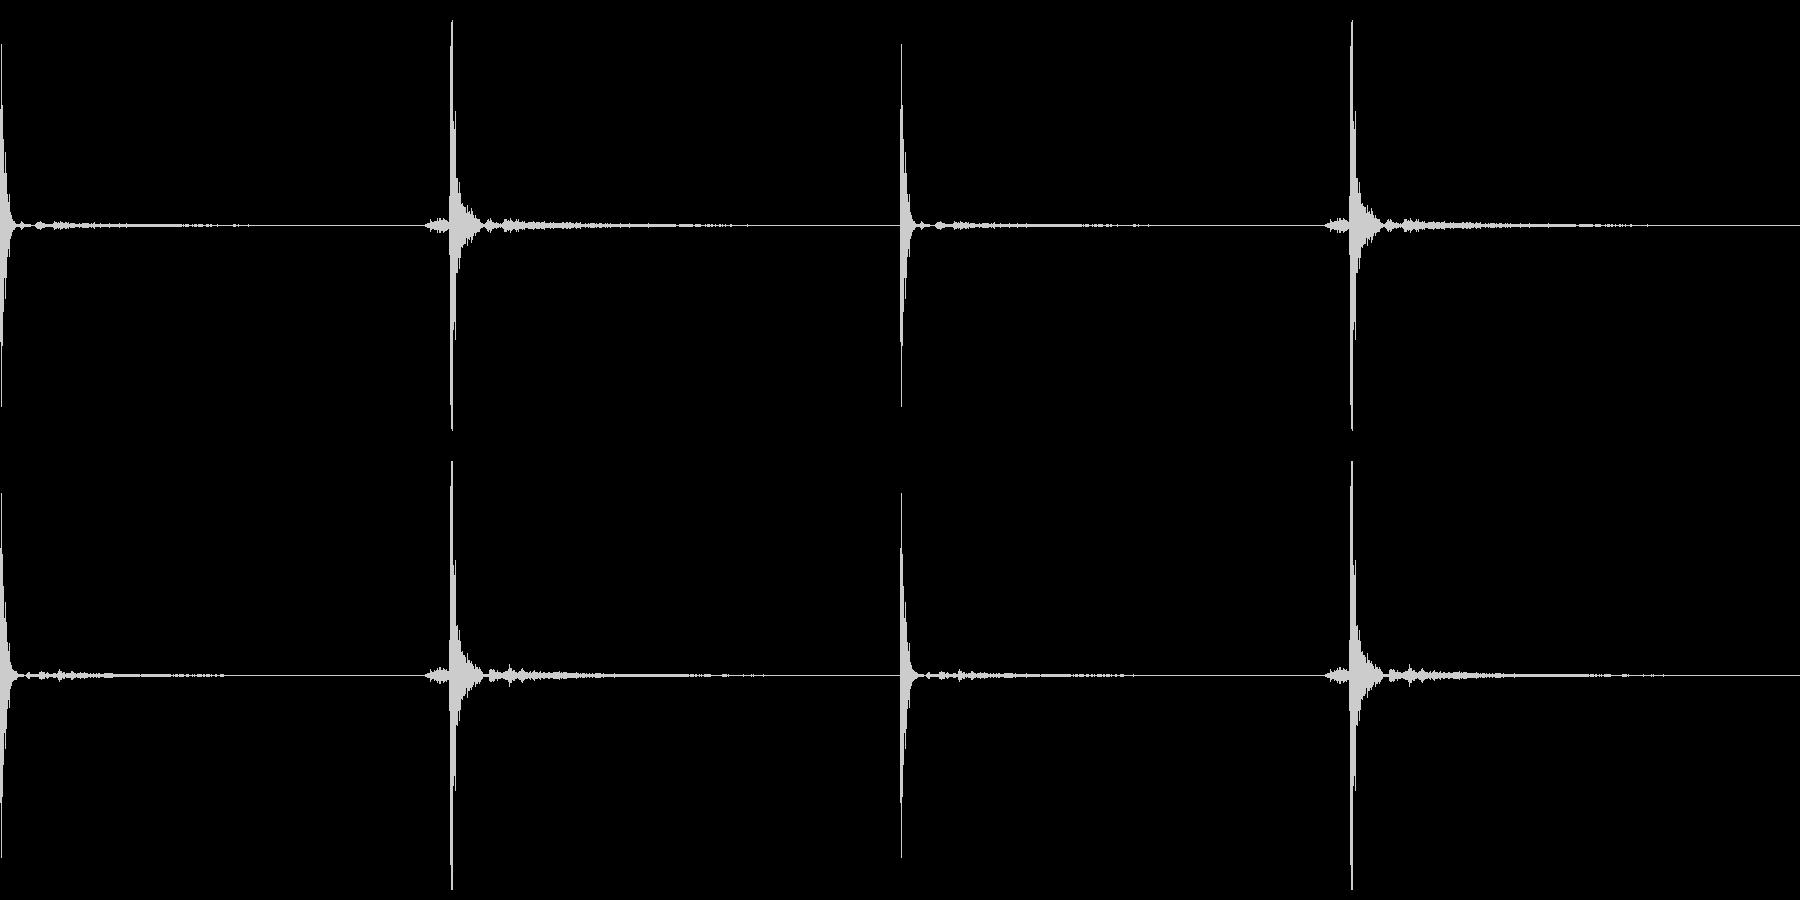 時計、タイマー、ストップウォッチ_D_5の未再生の波形